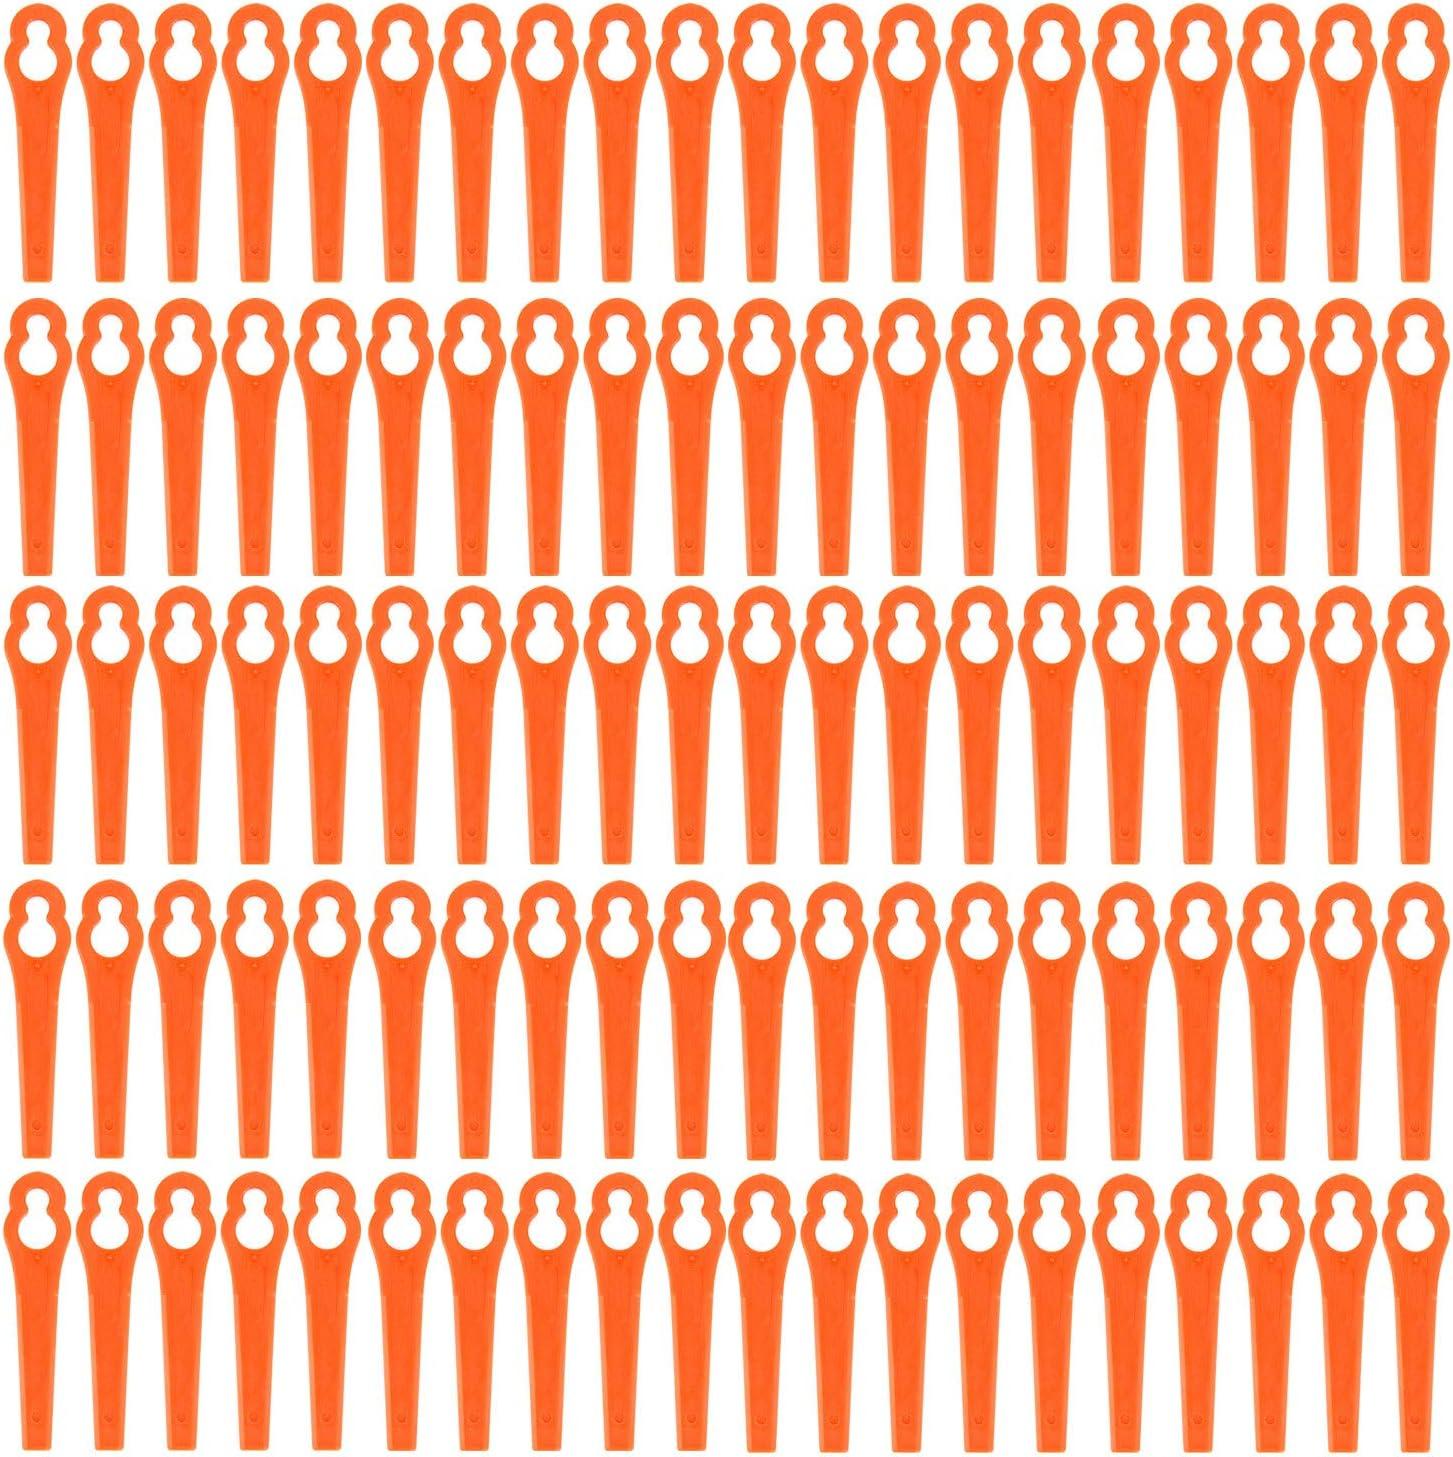 Anladia 50/ 100pcs Cuchillas de Recambio para Cortabordes Hoja de Plástico de Cortacésped Colores Diferentes (100, Naranja)